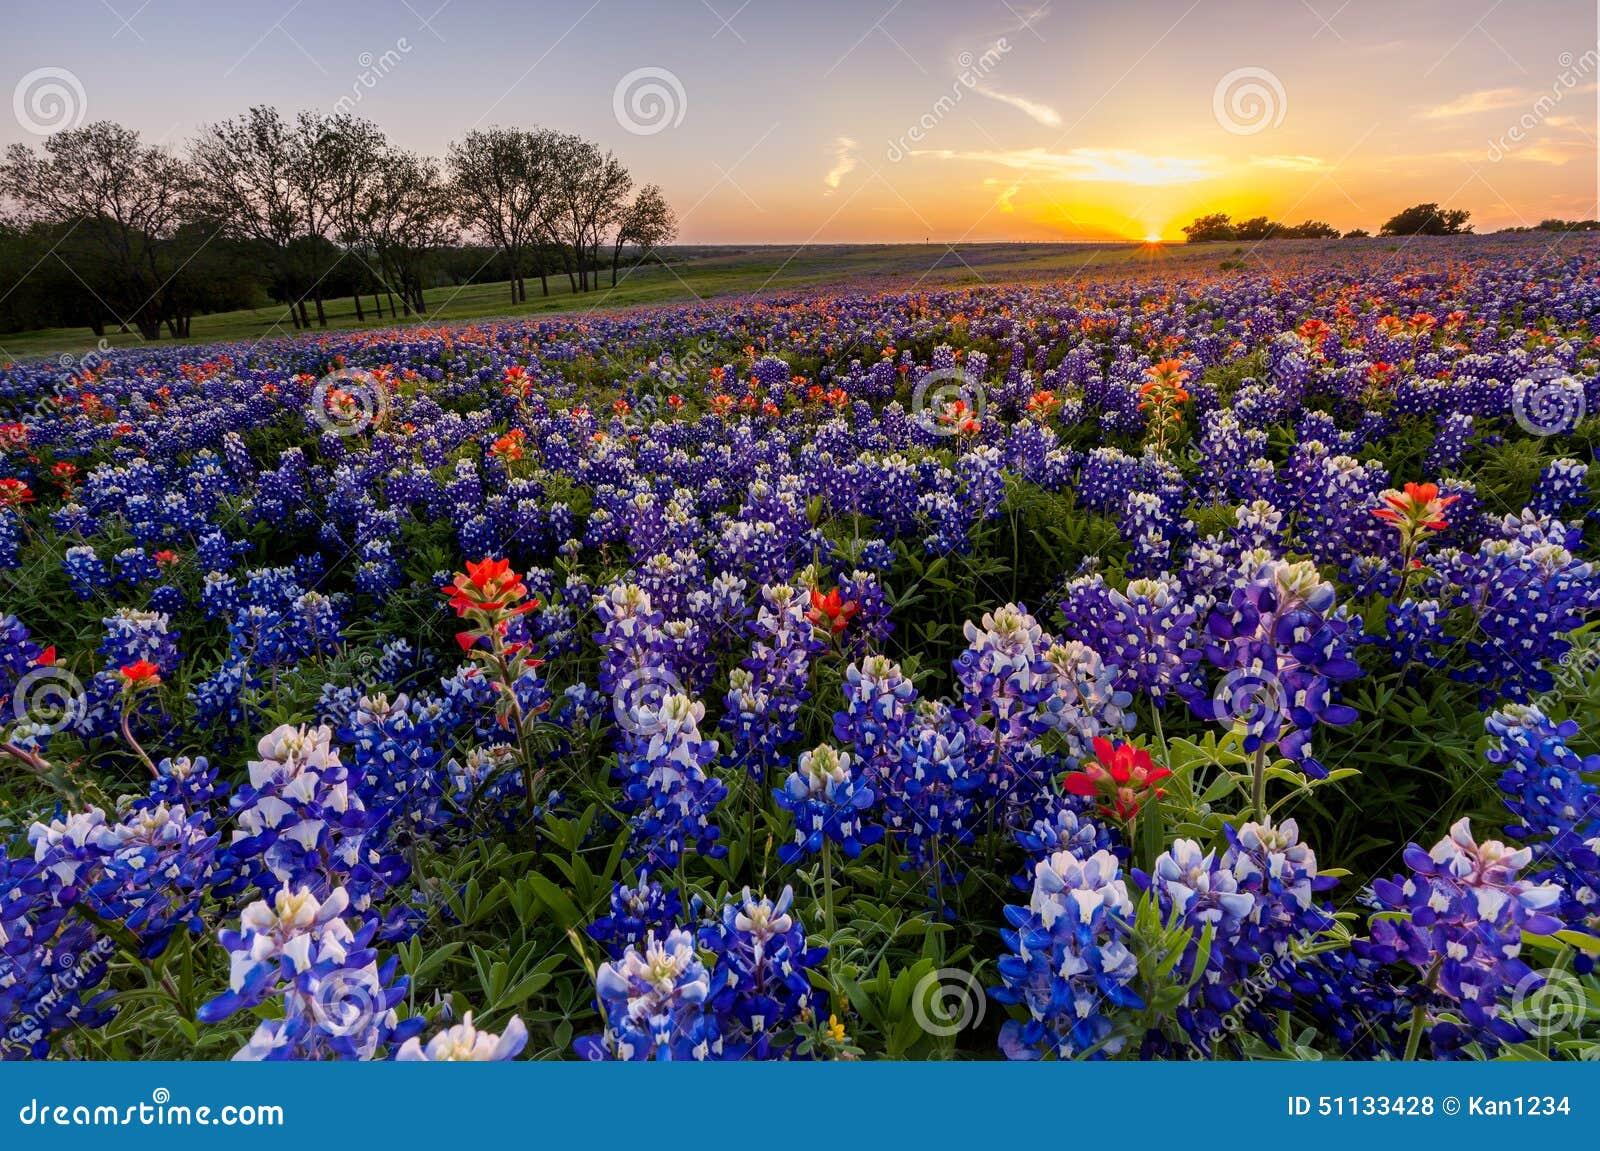 Texas-Wildflower - Bluebonnet und indischer Malerpinsel archivierten im Sonnenuntergang